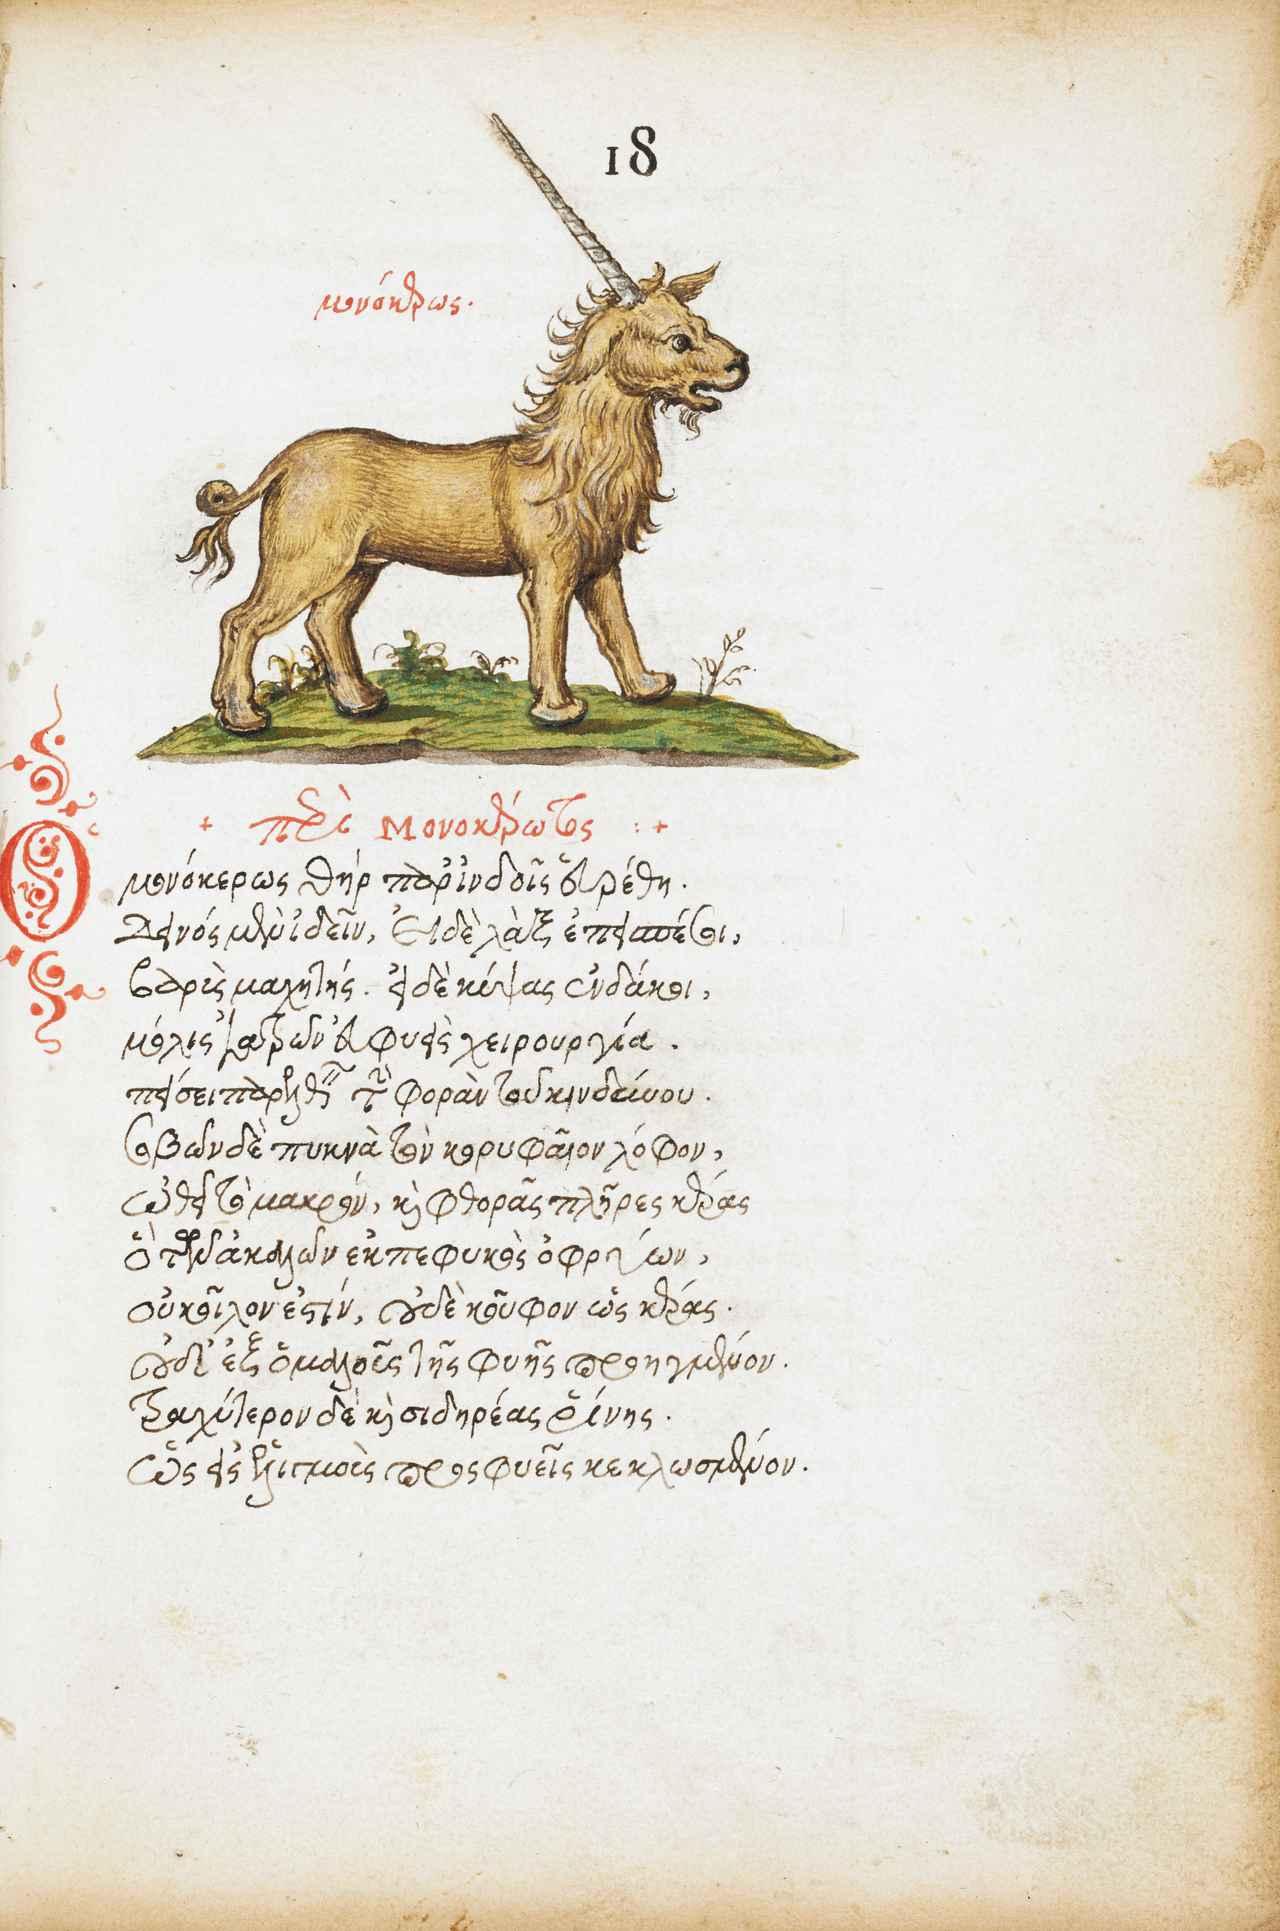 画像: マヌエル・フィレス『動物の性質について』 16世紀 大英図書館蔵 ©British Library Board